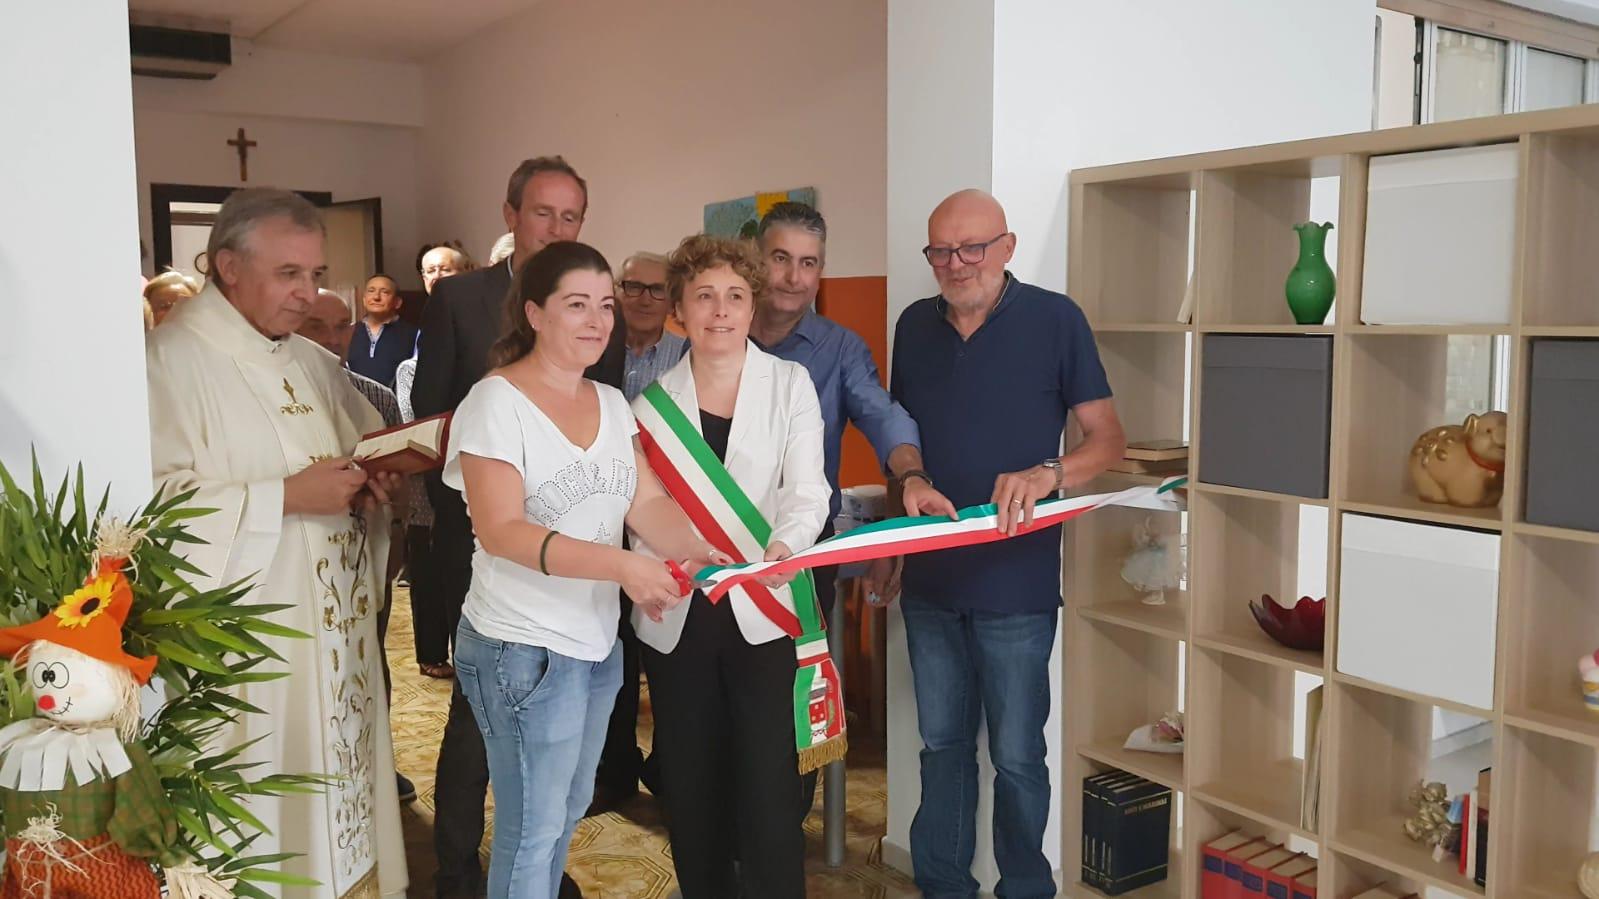 Festa S. Anna 2019 - Messa Inaugurazione (57)